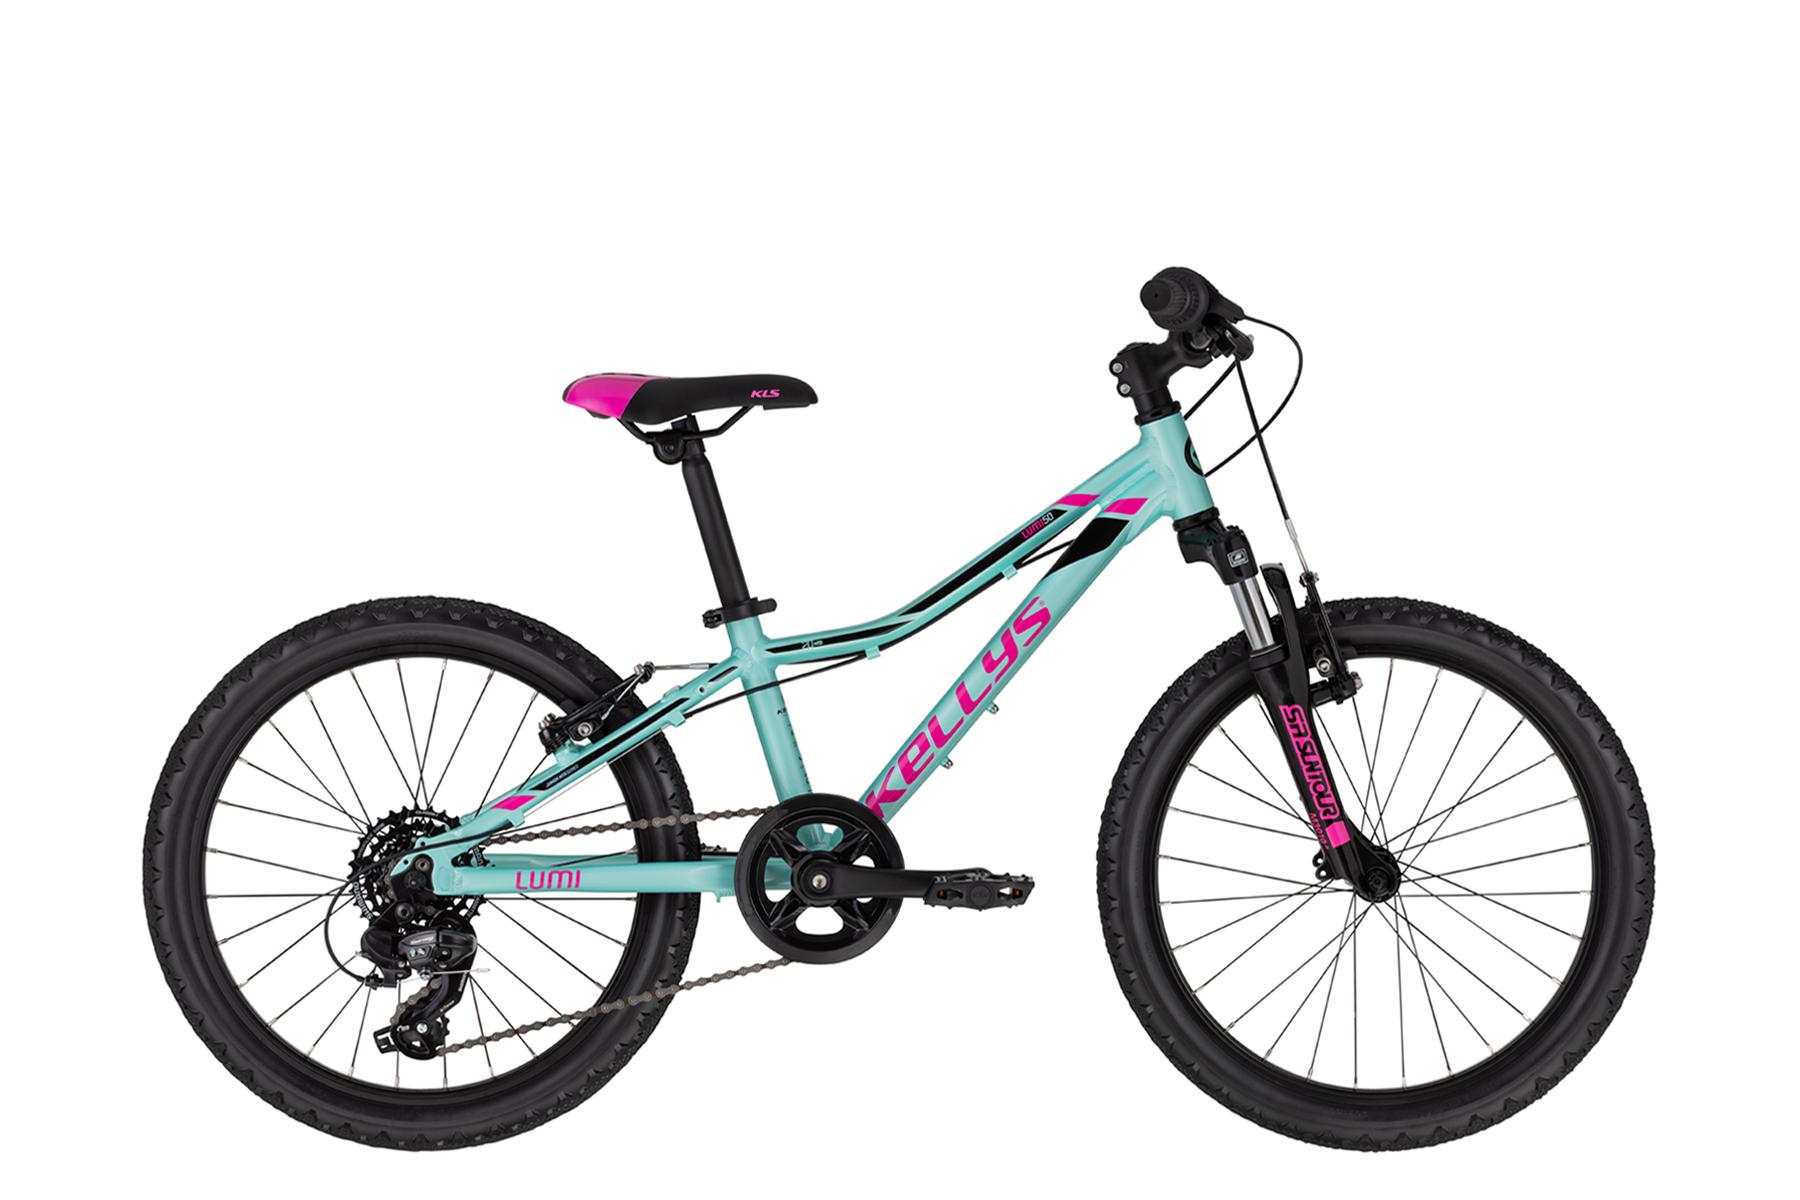 """KELLYS Lumi 50 gyermek 20"""" kerékpár - pink/kék (2020)"""